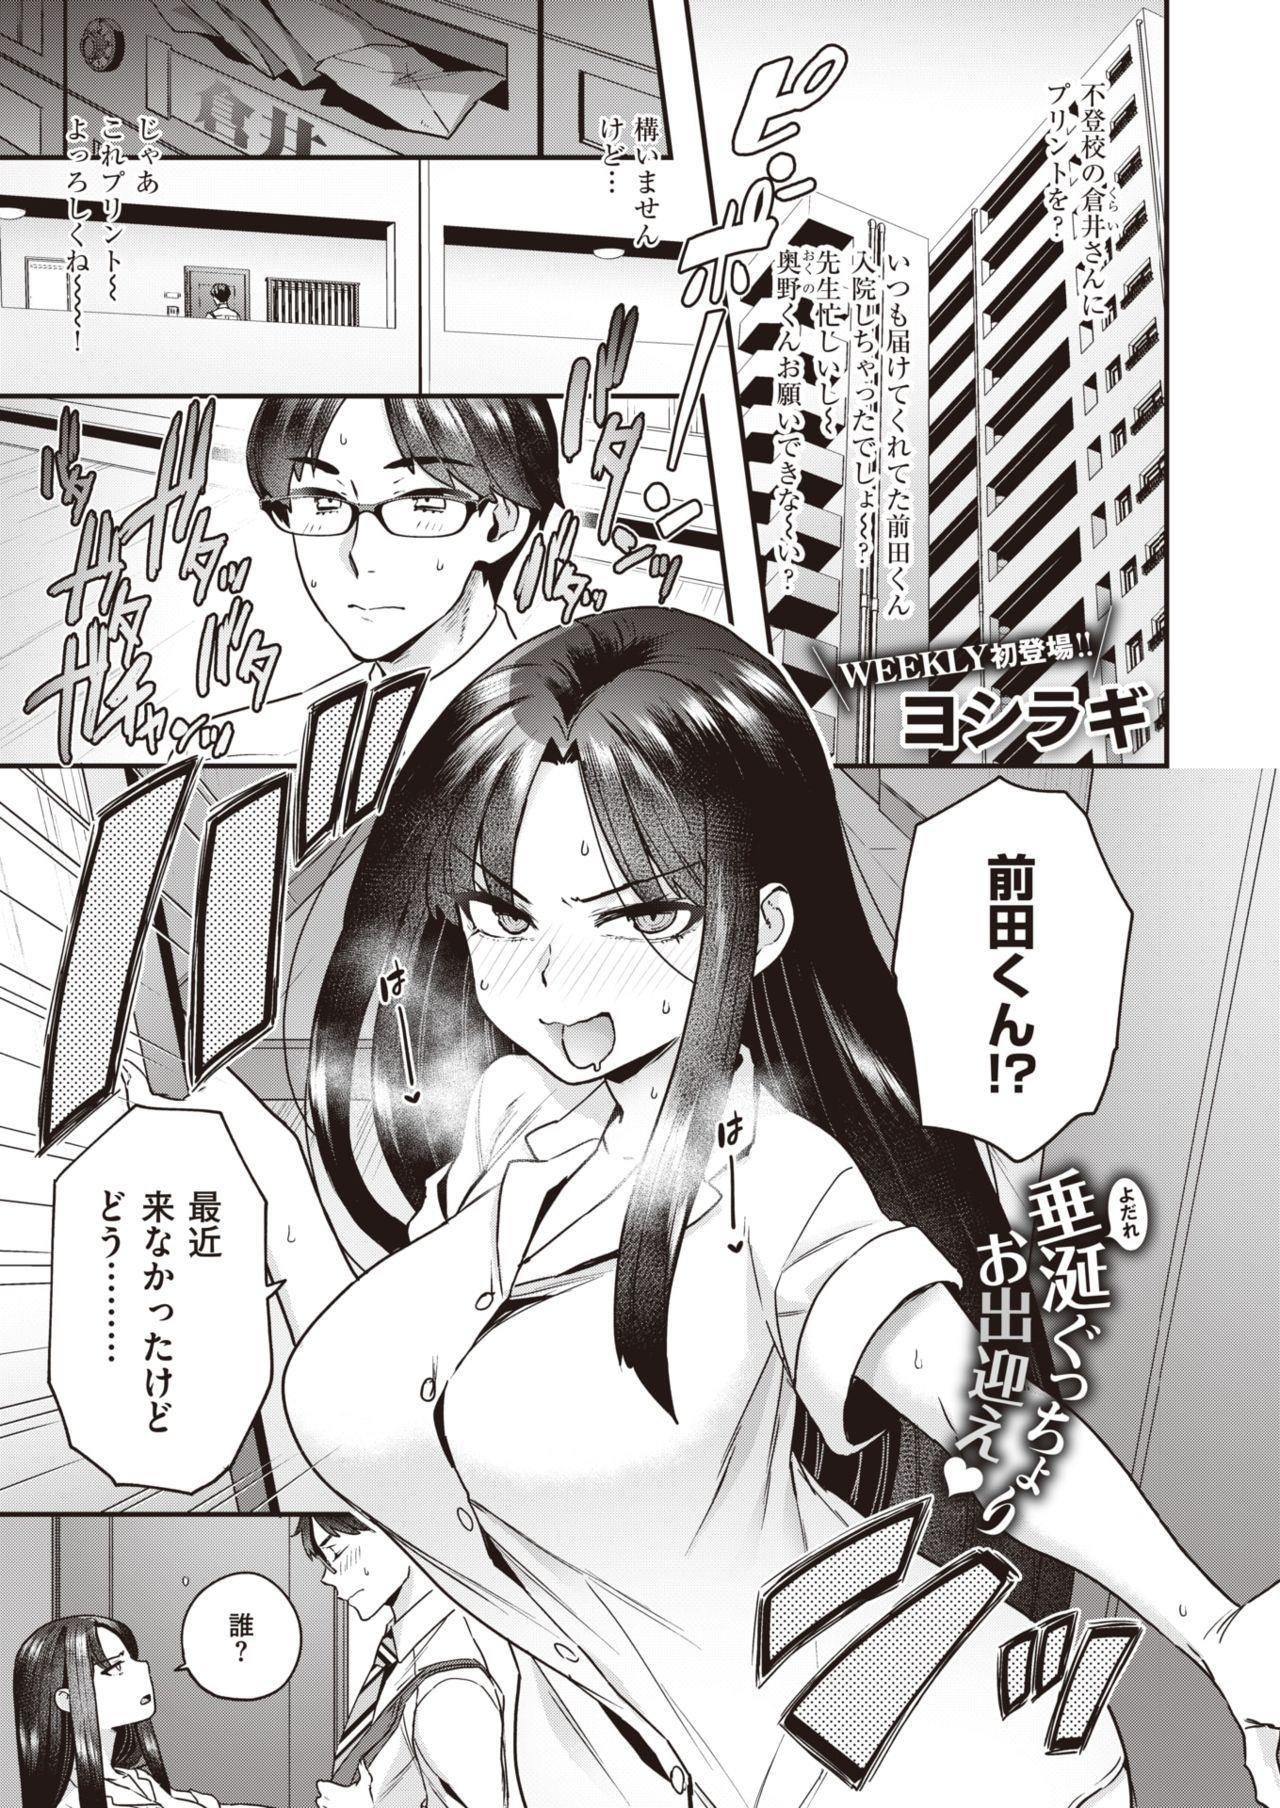 WEEKLY Kairakuten Vol.49 11